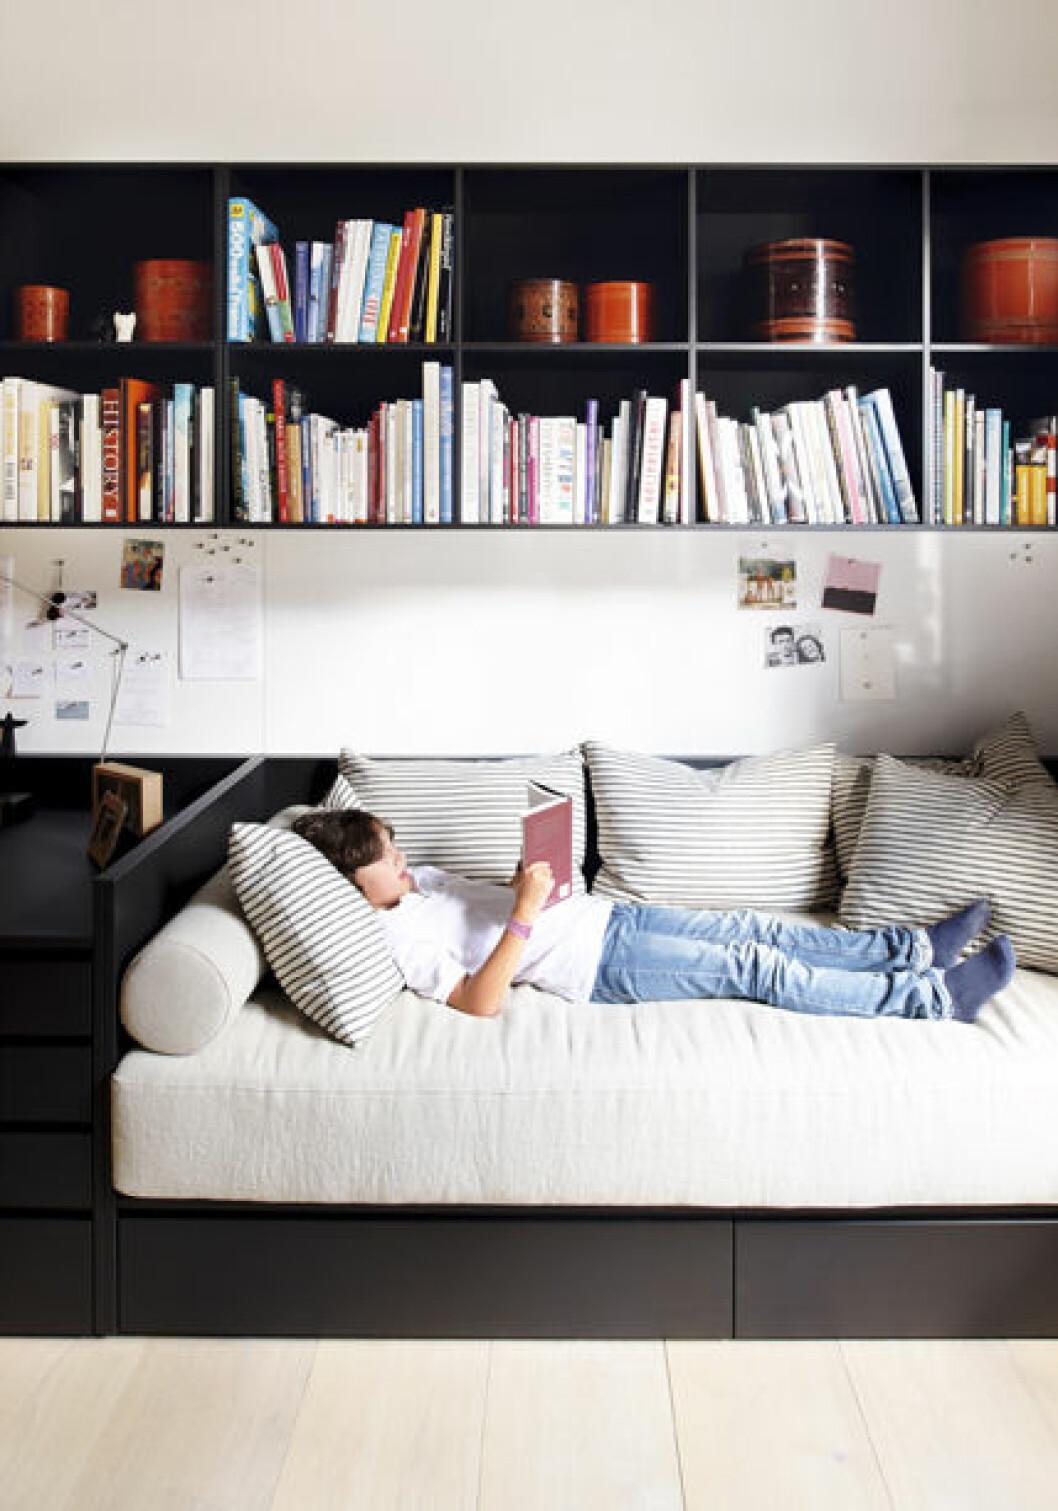 Filippa Knutssons son läser en bok i hemma i soffan med bokhylla ovanför.